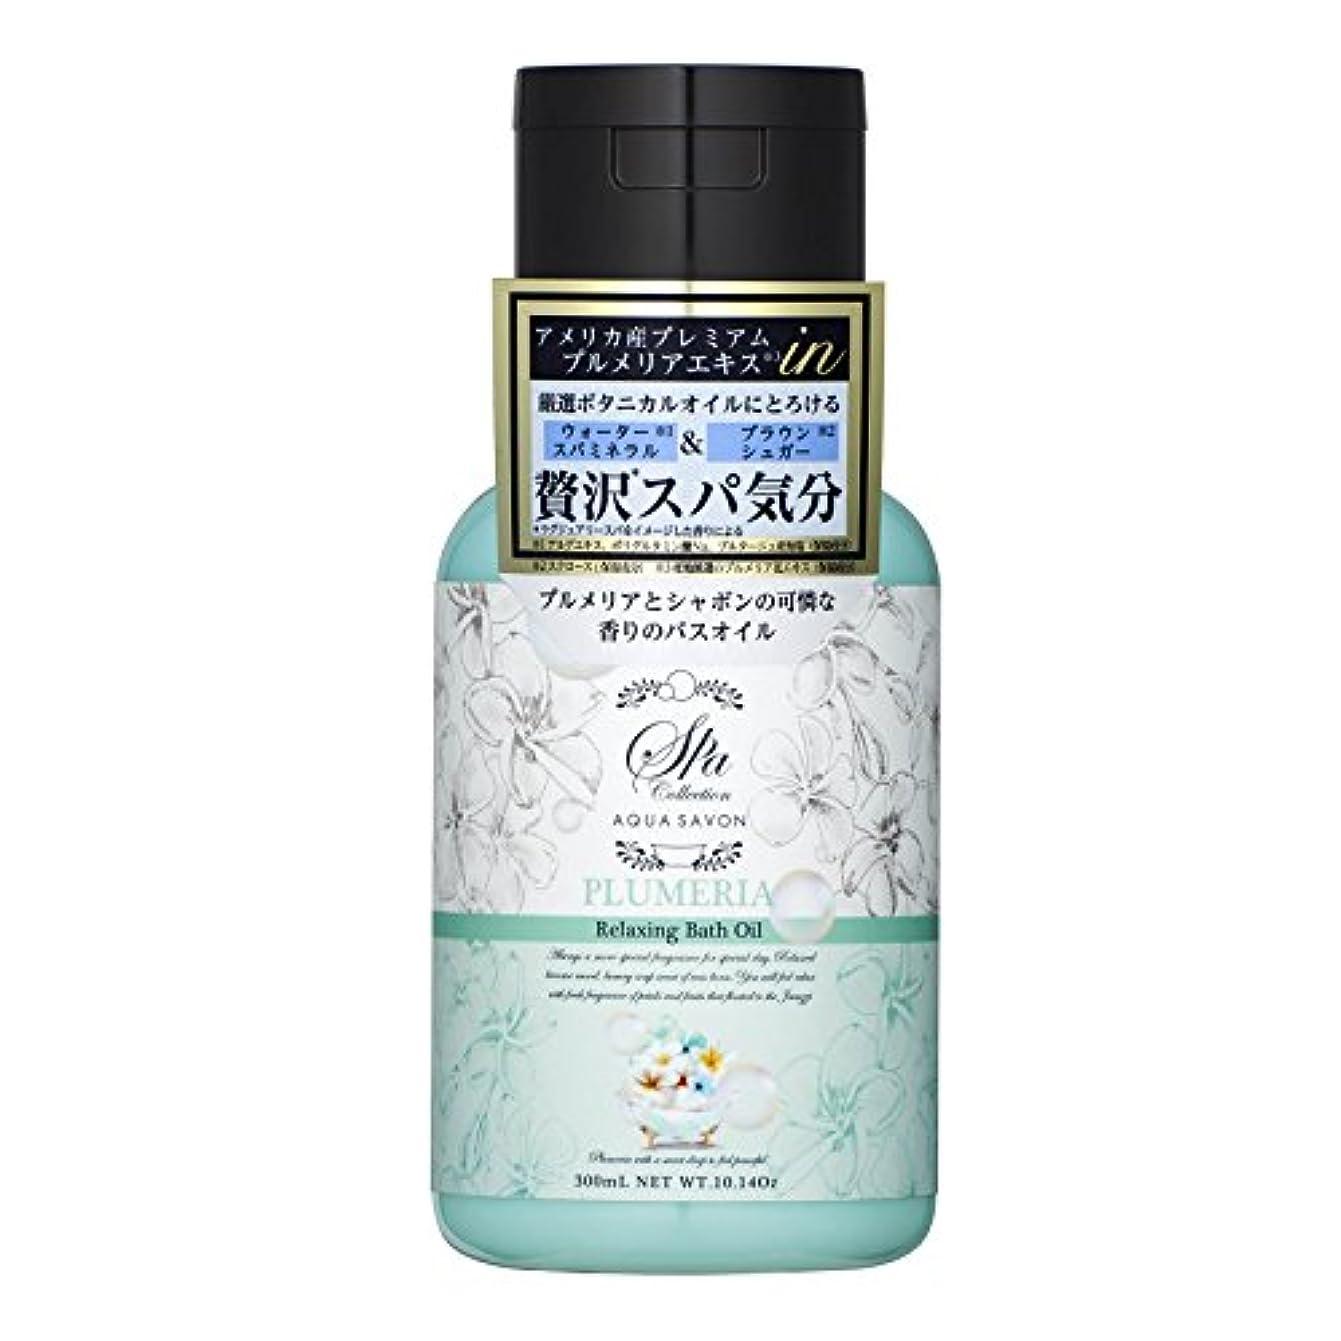 ヒットチート味付けアクアシャボン スパコレクション リラクシングバスオイル プルメリアスパの香り 300mL